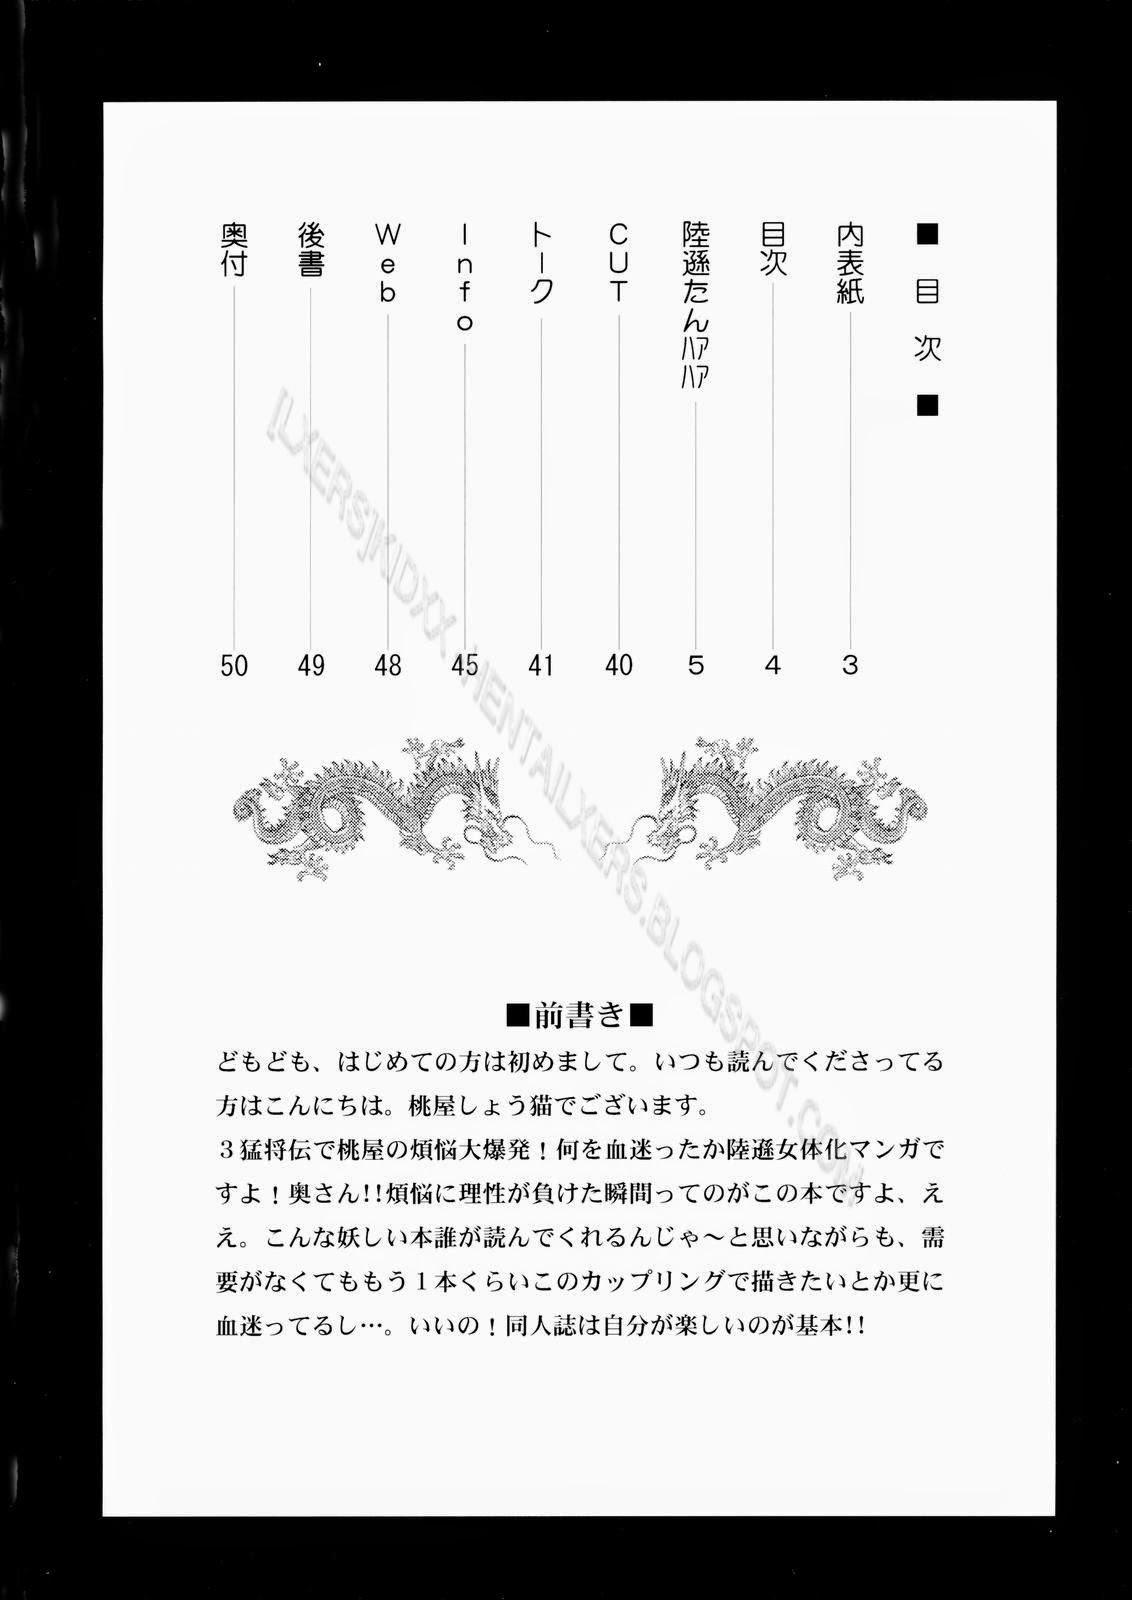 Hình ảnh dw_rikusongaiden%5Beng%5D_001c in In Sangoku Musou Rikuson Gaiden!